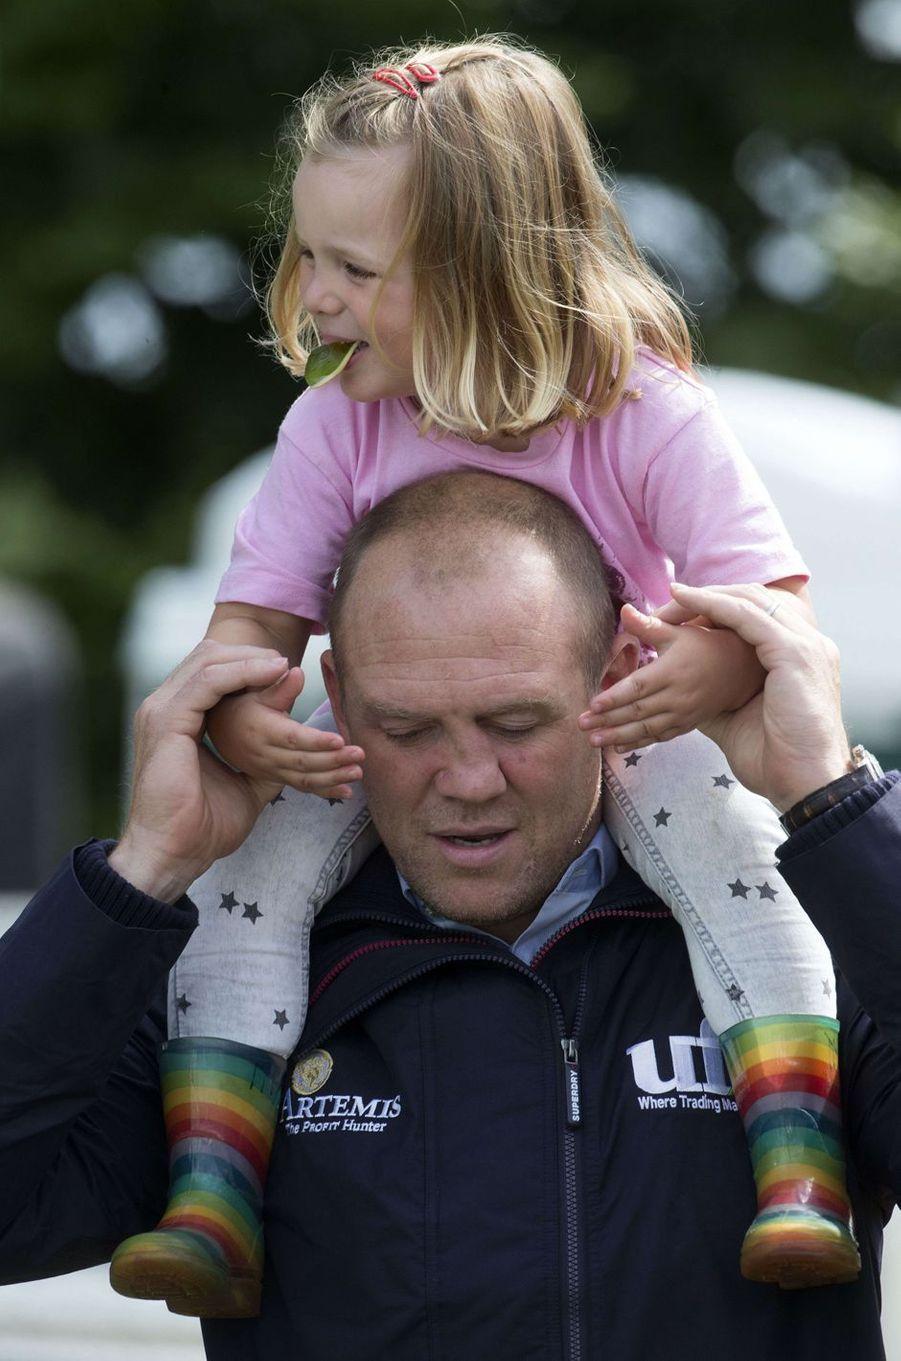 Mia et son père Mike Tindall à Gatcombe Park, le 4 août 2017